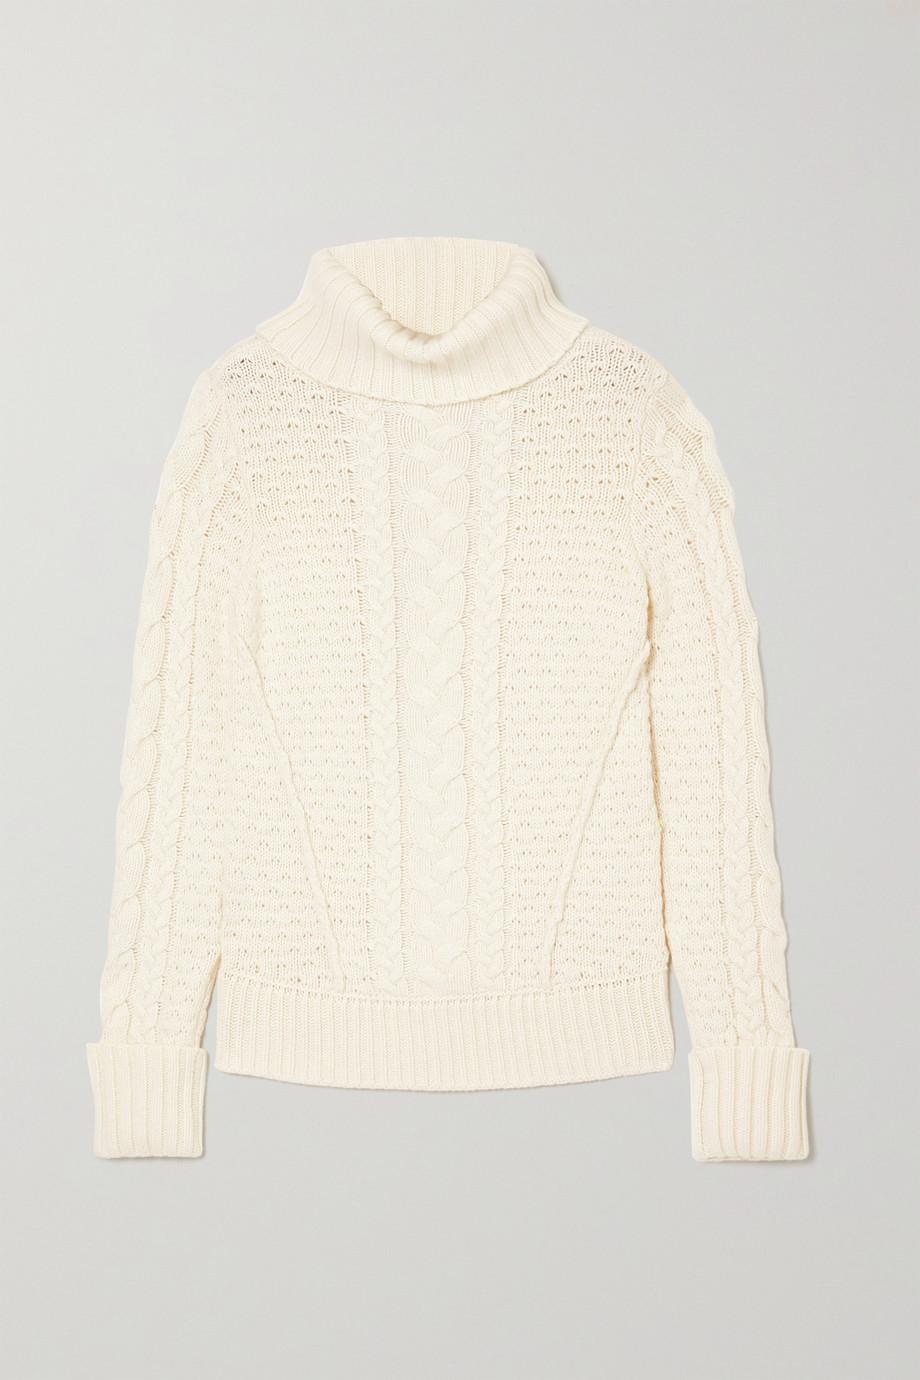 Veronica Beard Sereia cable-knit turtleneck sweater